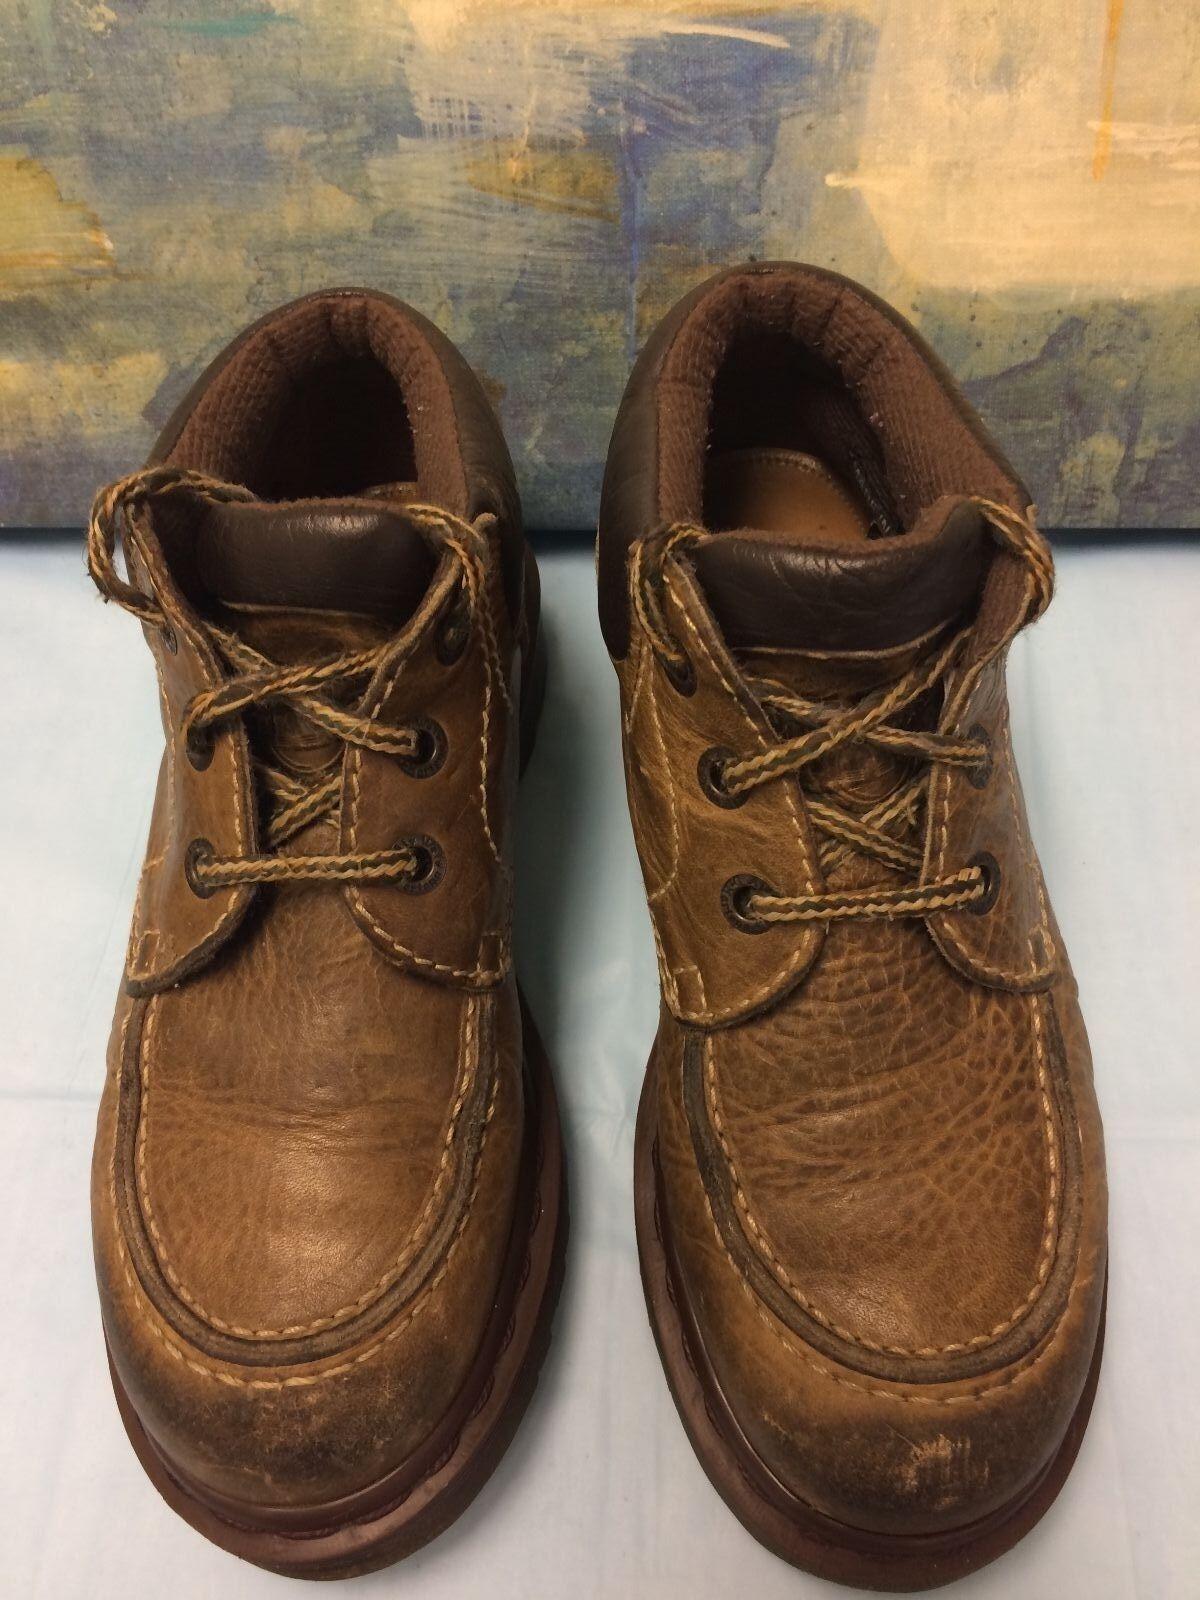 Vintage Dr Doc Martens Mens Boots 8458 USM5,USL6,Womens US Made In England